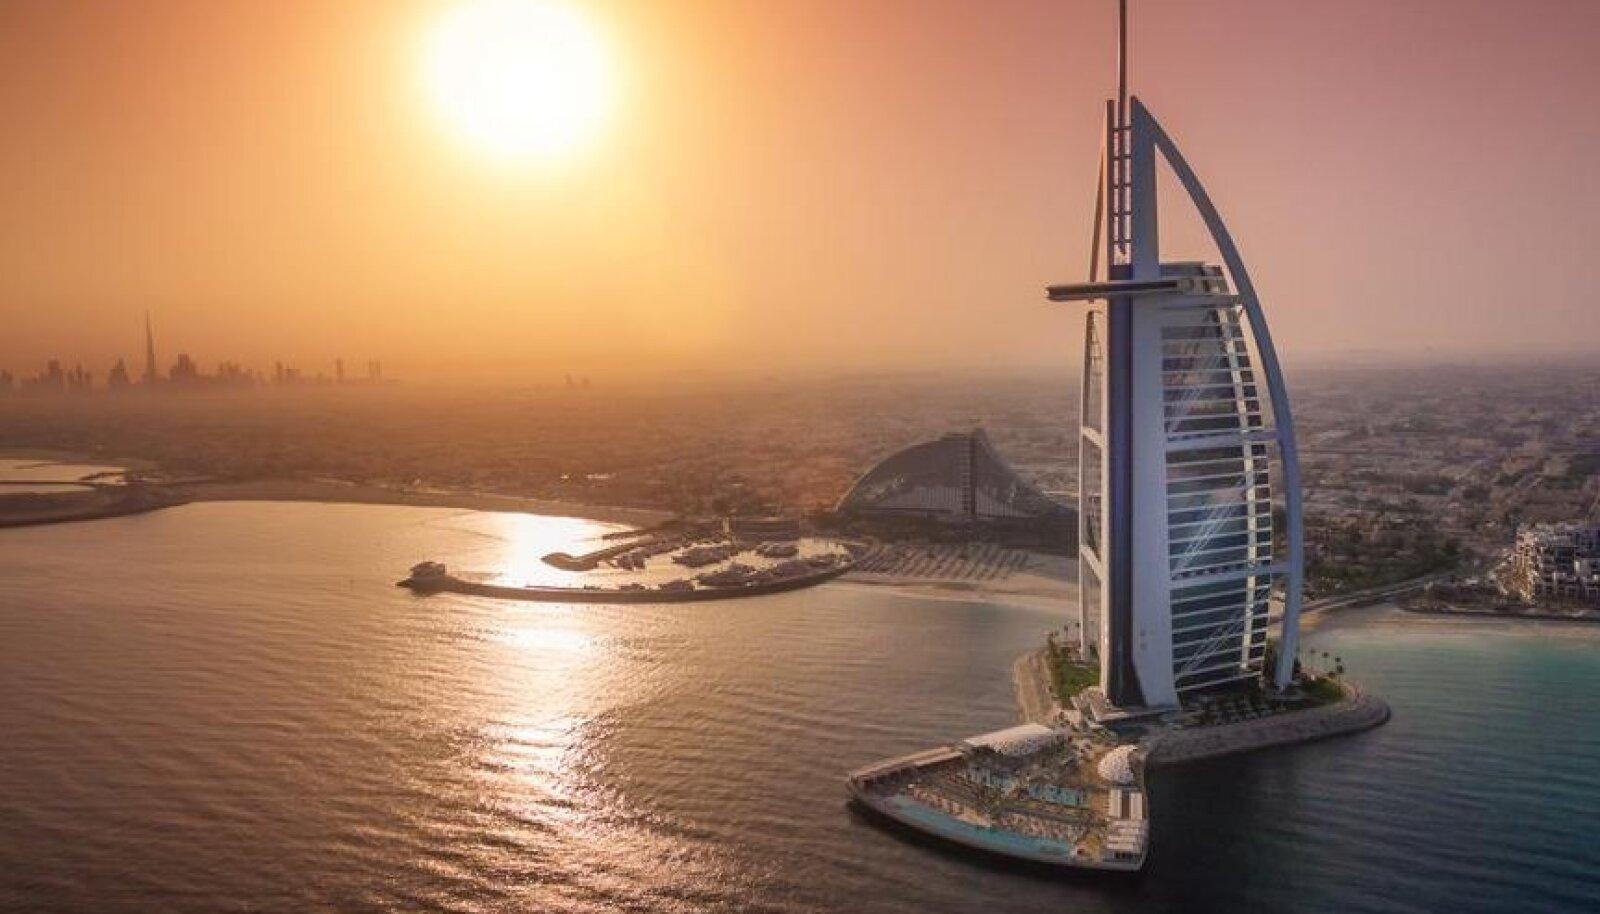 Maailma kõige luksuslikumaks hotelliks on korduvalt hääletatud Burj Al Arab Jumeirah Dubais. Privaatsed helikopteritransfeerid, 24 h kättesaadav kammerteener ning Aston Martinitest, Ferraridest ja Lamborghinidest koosnev rendiautopark põhjendavad, miks sellele viidatakse sageli kui seitsmetärnihotellile, kuid ametliku süsteemi järgi on tärne siiski vaid viis.